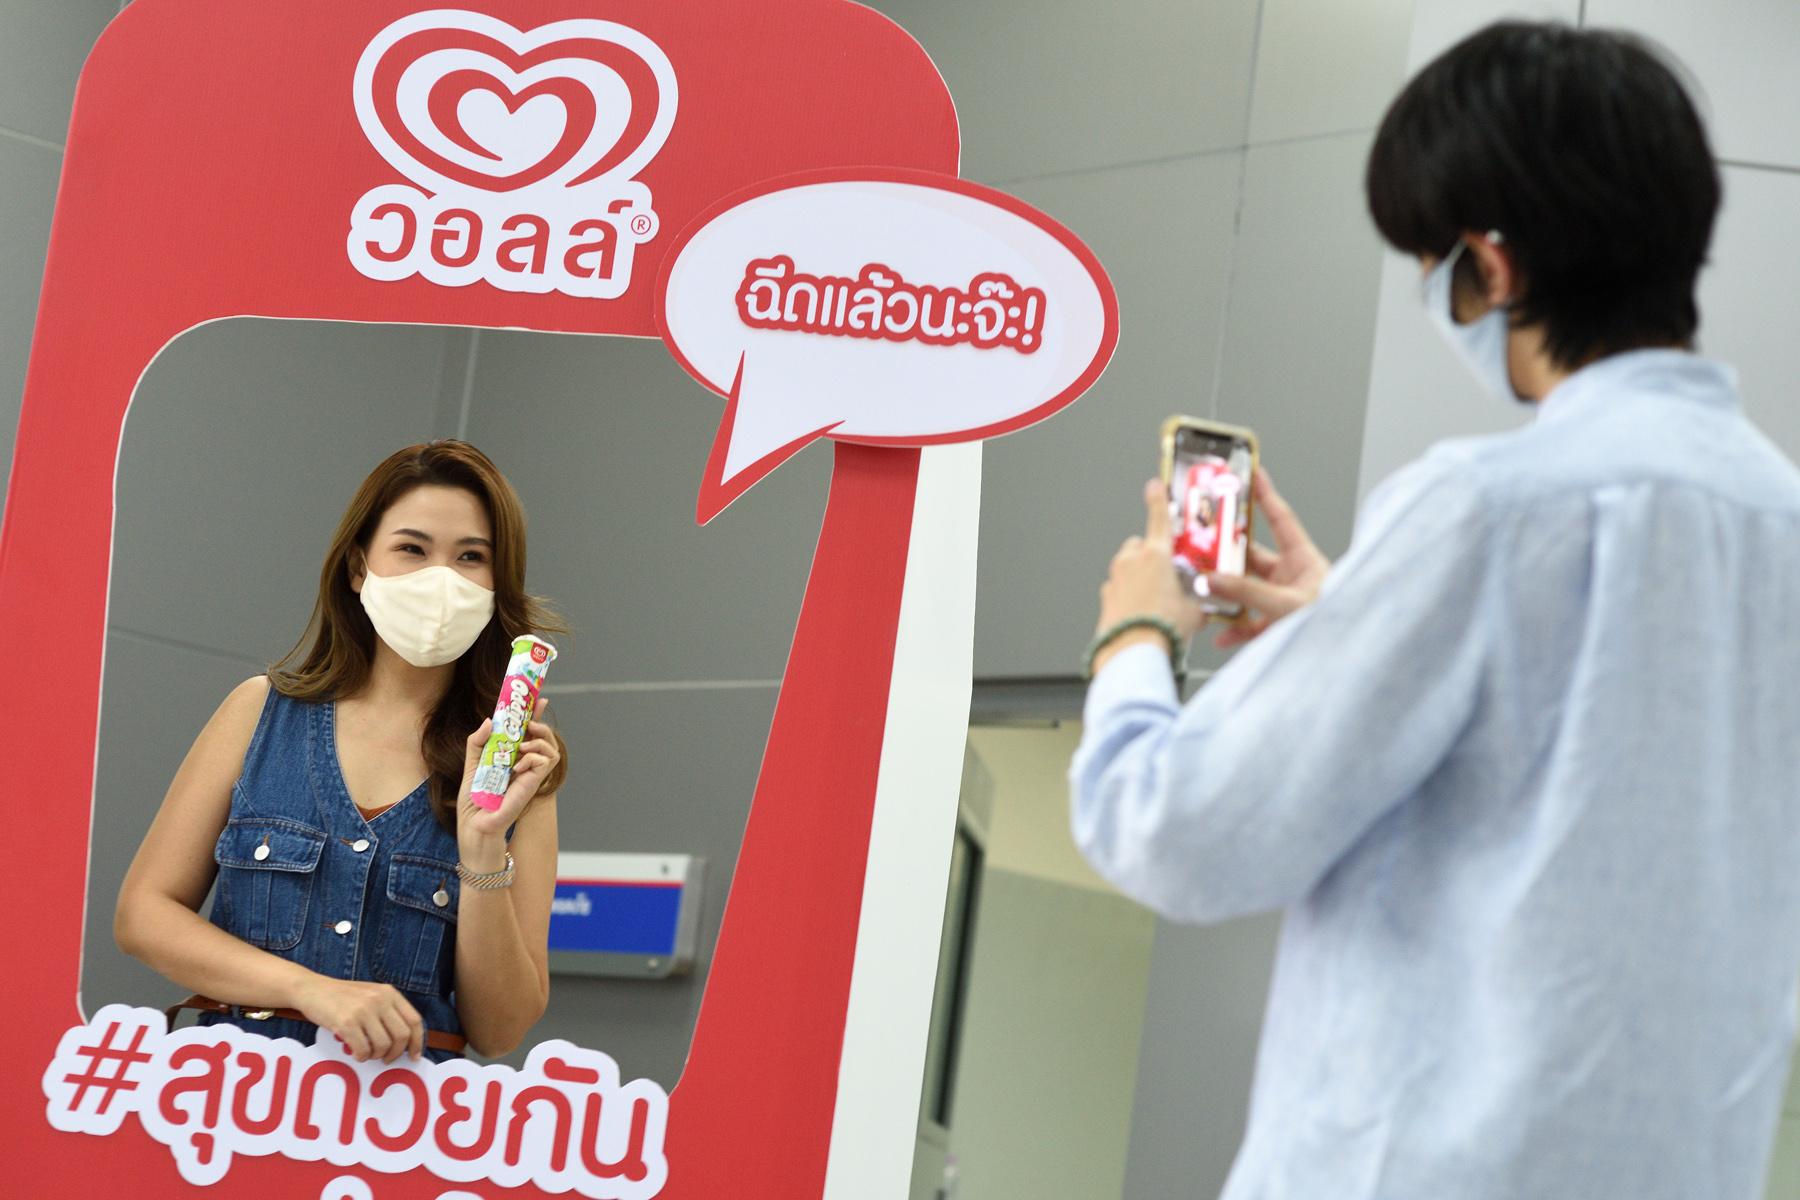 นางสาวณิชาพัชร วลัยพัชรา ผู้จัดการฝ่ายการตลาดไอศกรีมวอลล์ประเทศไทย